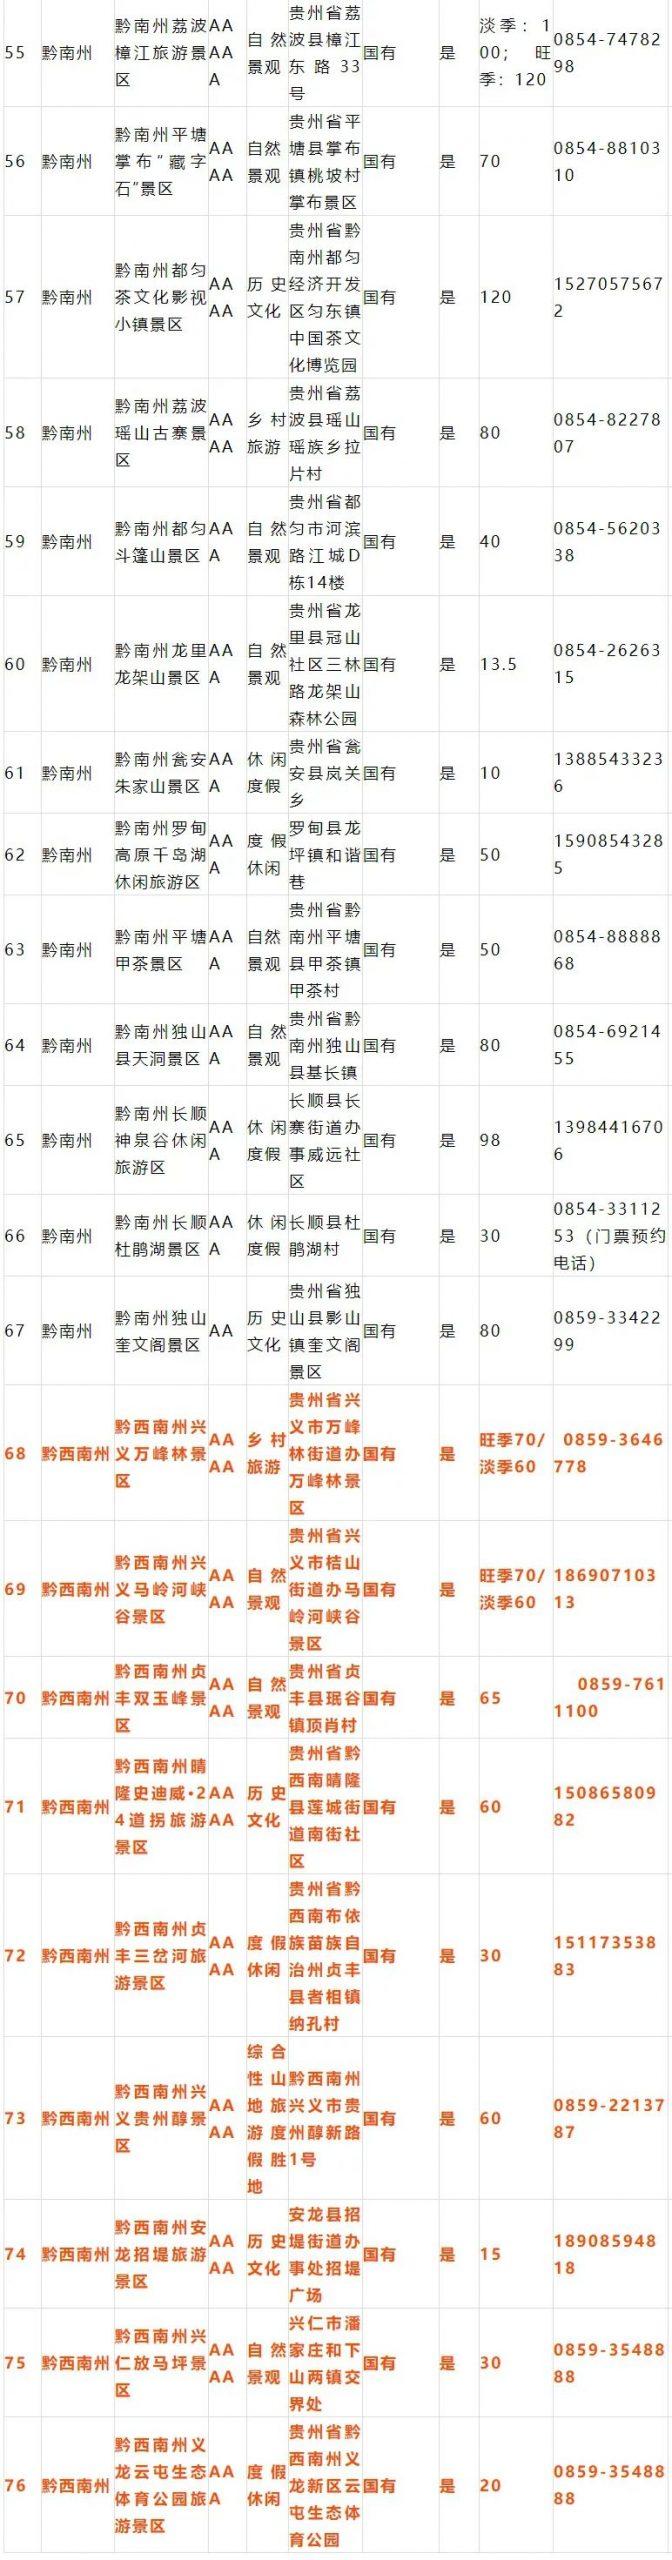 """月10日至8月17日贵州景区向广东、山东、重庆居民免门票(附景区明细)"""""""